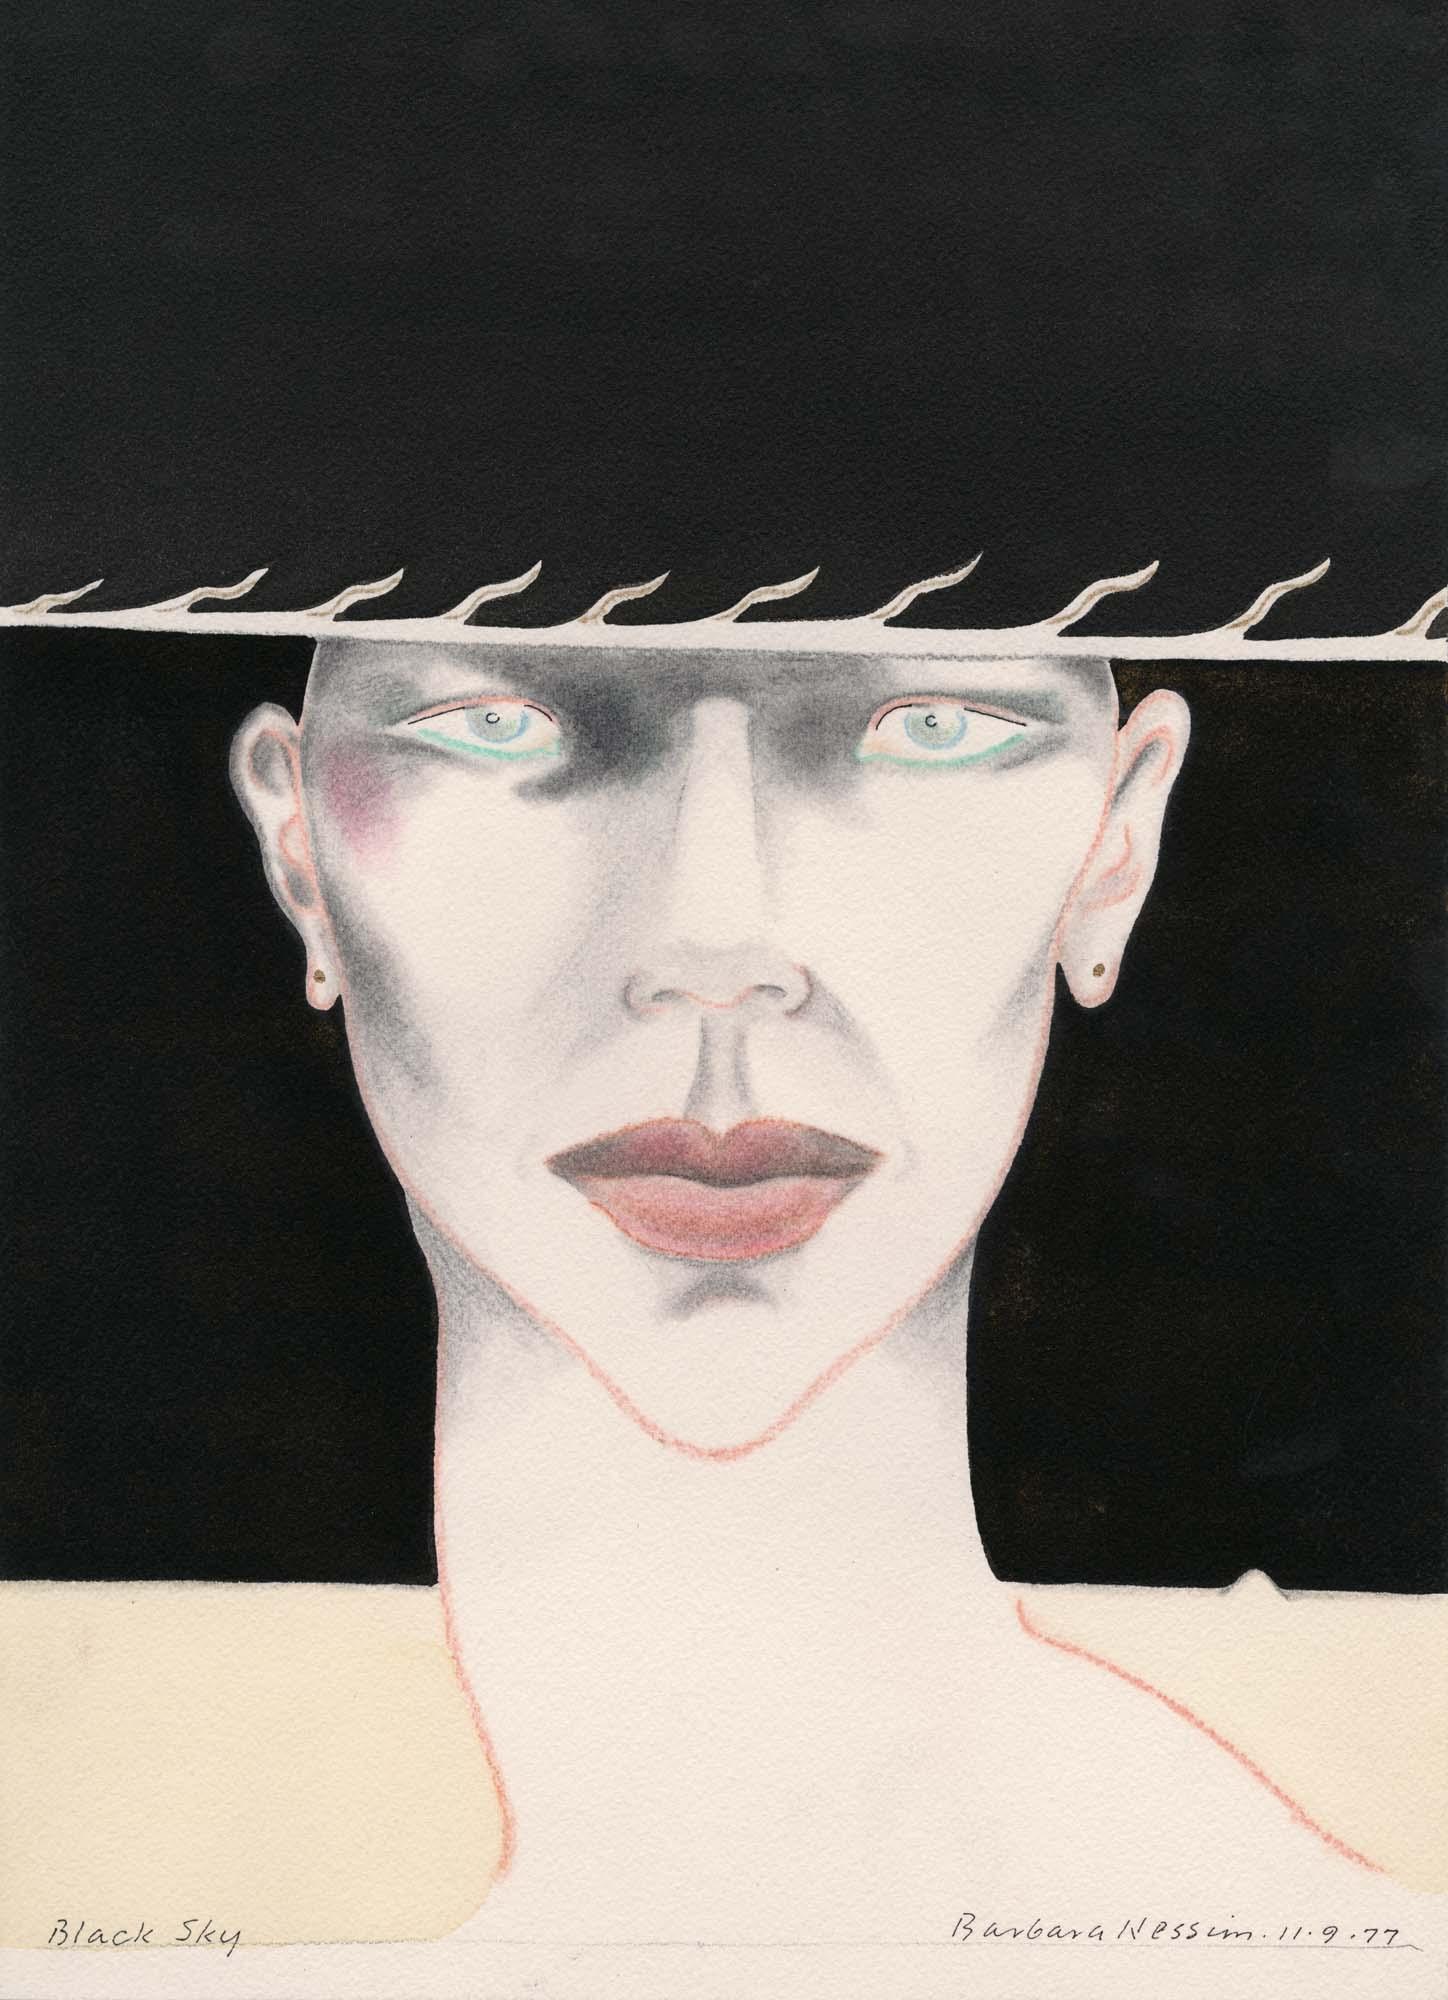 Black Sky, 1977